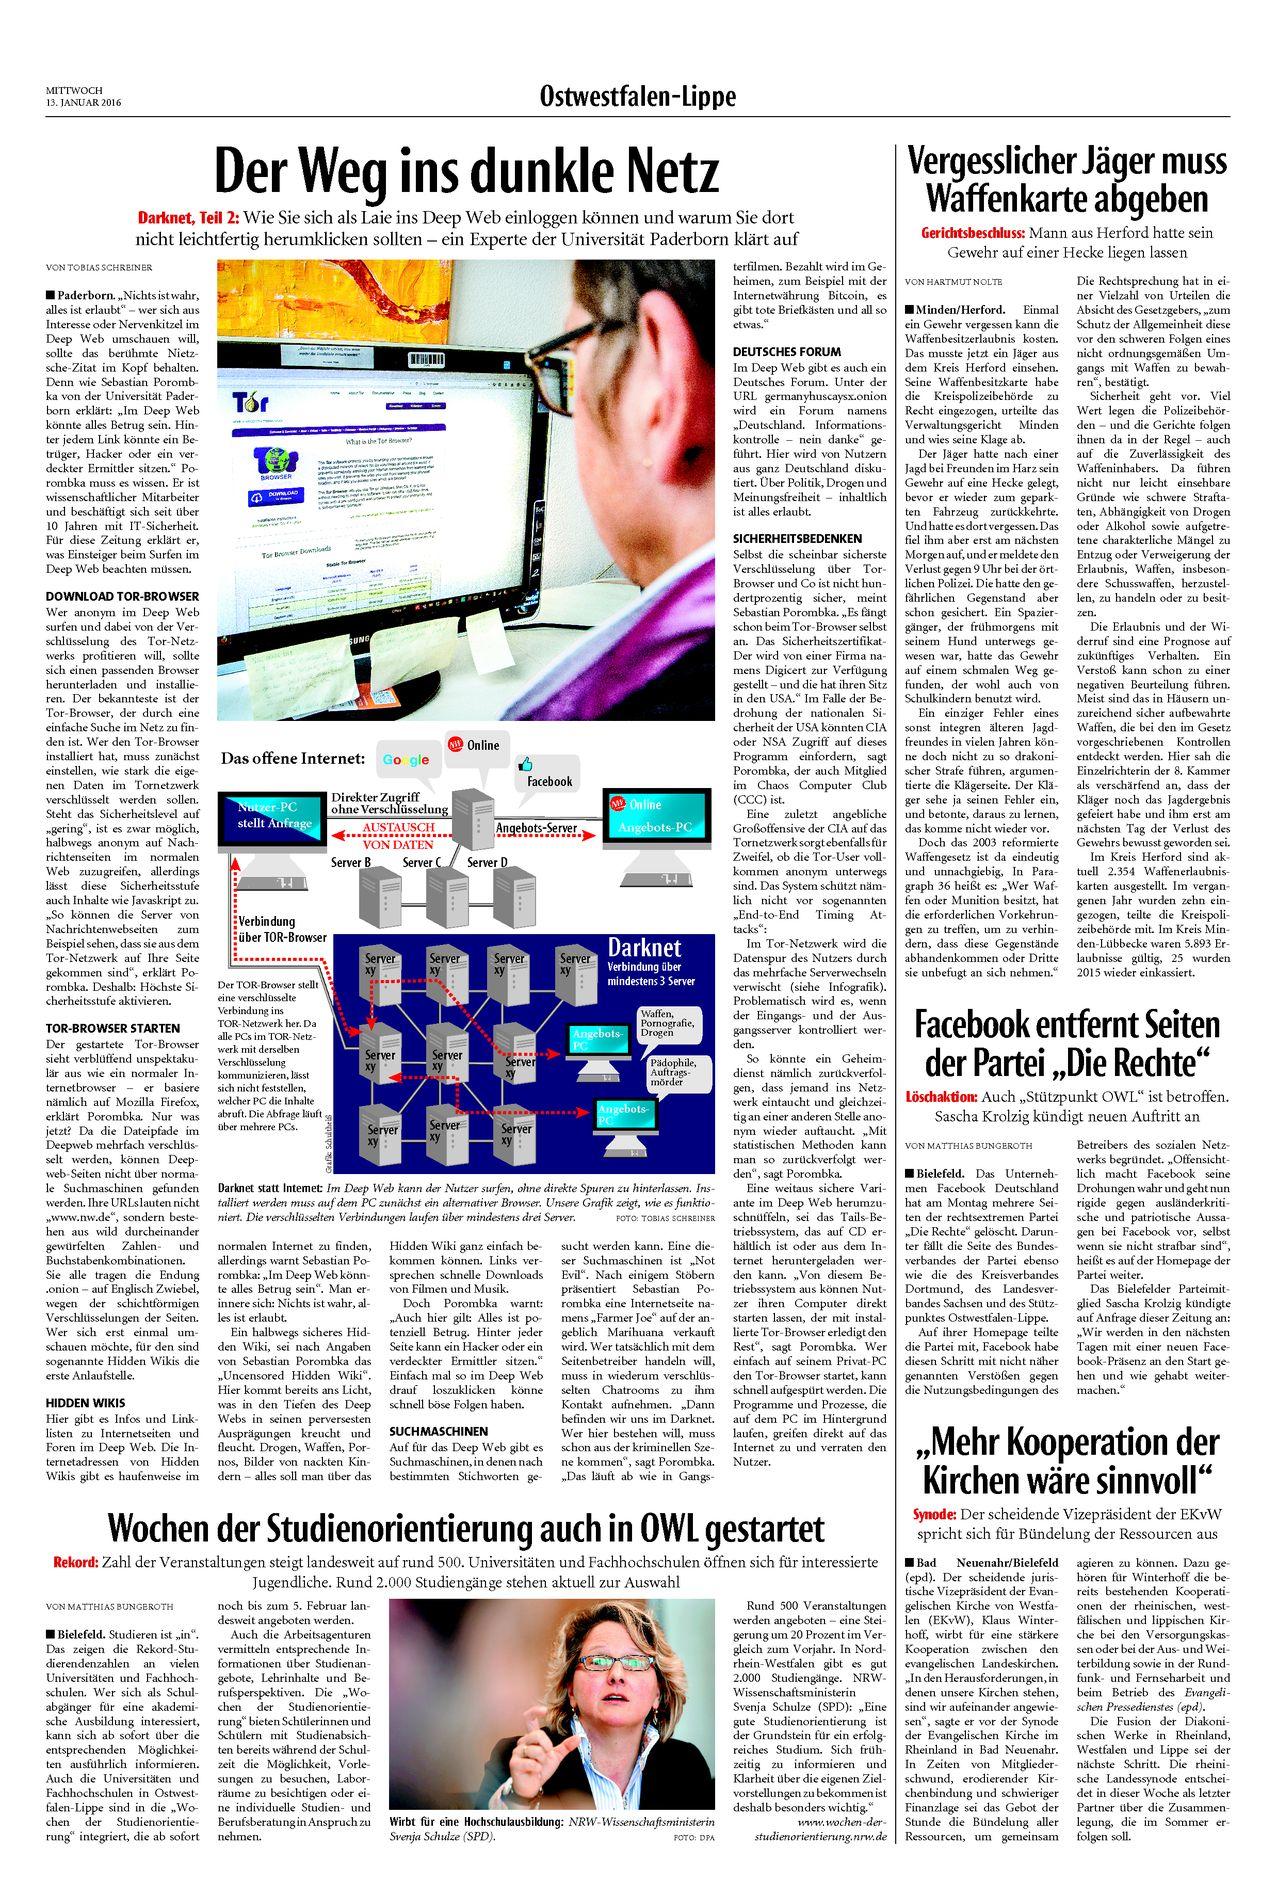 Neue Westfälische, [13.01.2016].  Texte und Fotos aus der Neuen Westfälischen sind urheberrechtlich geschützt.  Weiterverwendung nur mit schriftlicher Genehmigung der Redaktion.